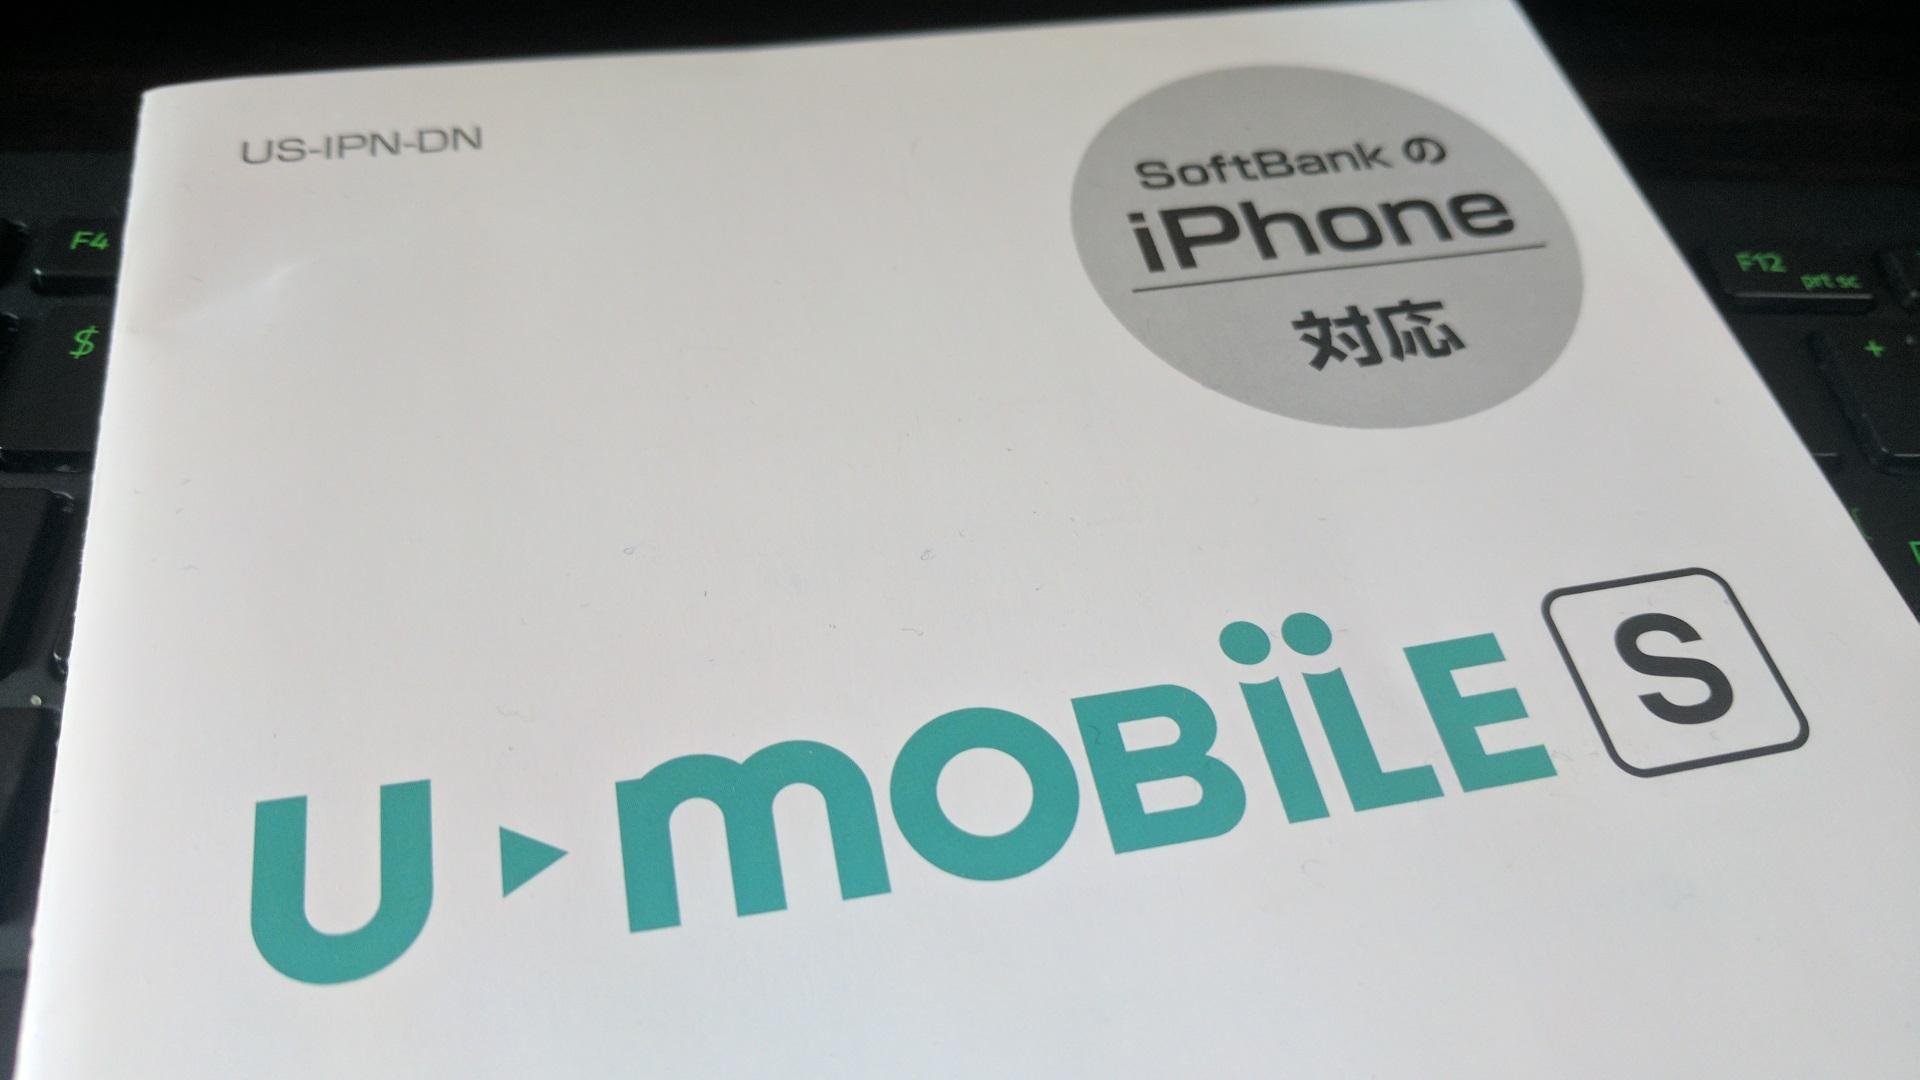 【レポート】SoftBank系MVNO「b-mobile S / U-mobile S」はLTE Band 41(AXGP)非対応、Wireless City Planningの周波数となるため